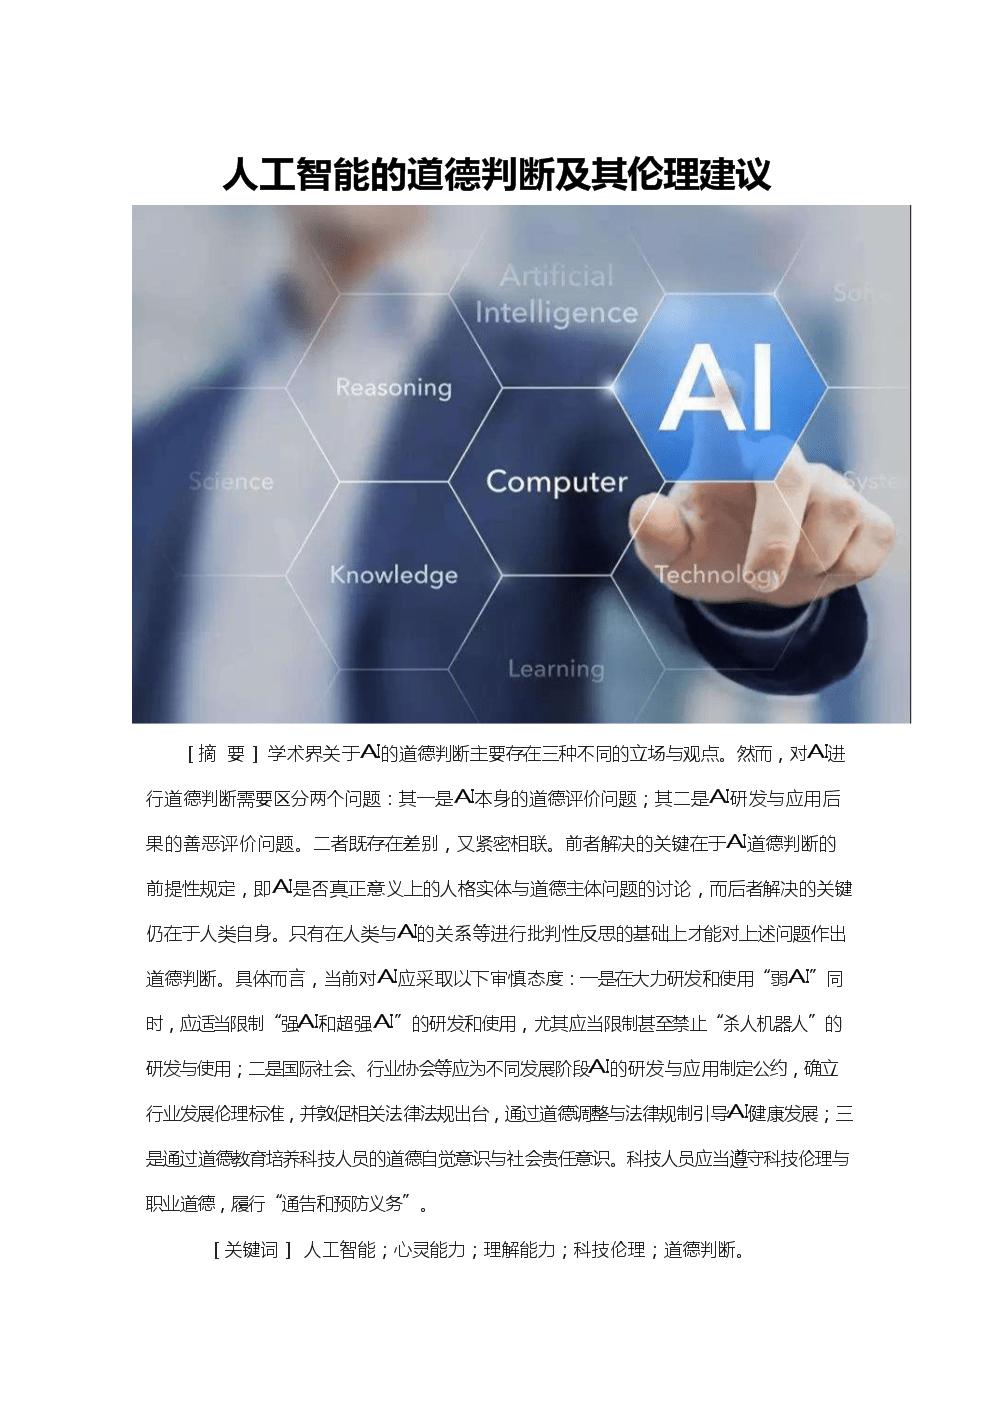 人工智能的道德判断及其伦理建议.docx